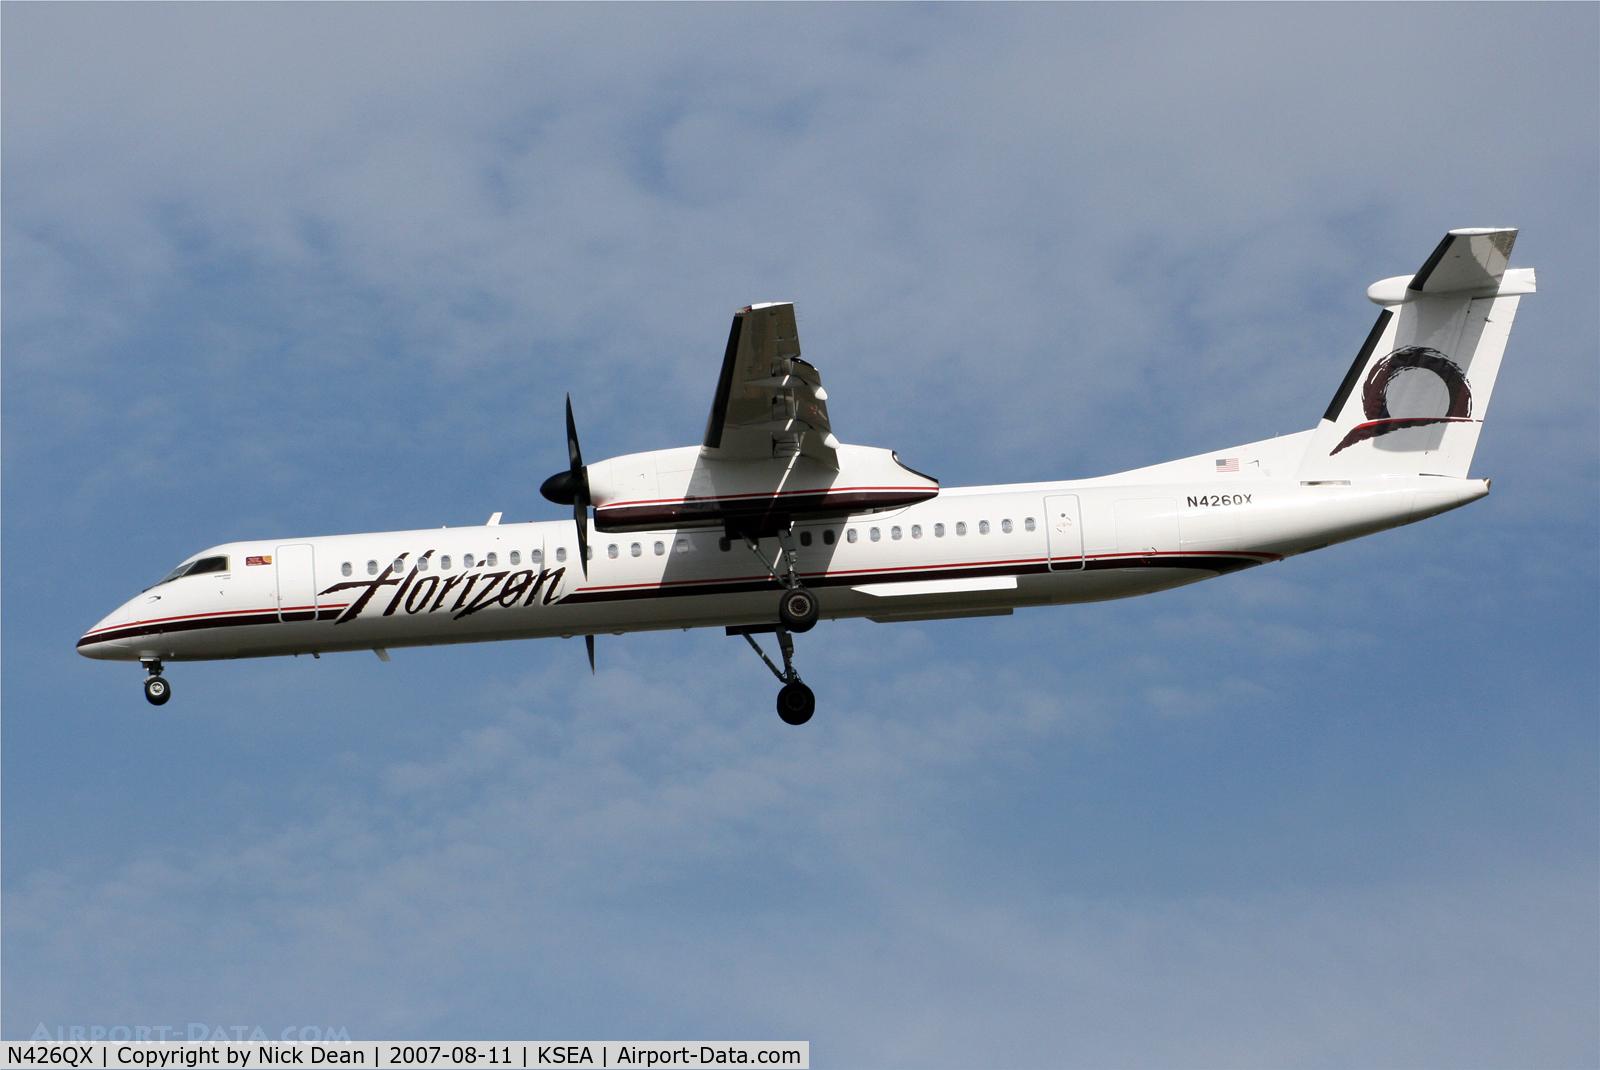 N426QX, 2007 Bombardier DHC-8-402 Dash 8 C/N 4154, /